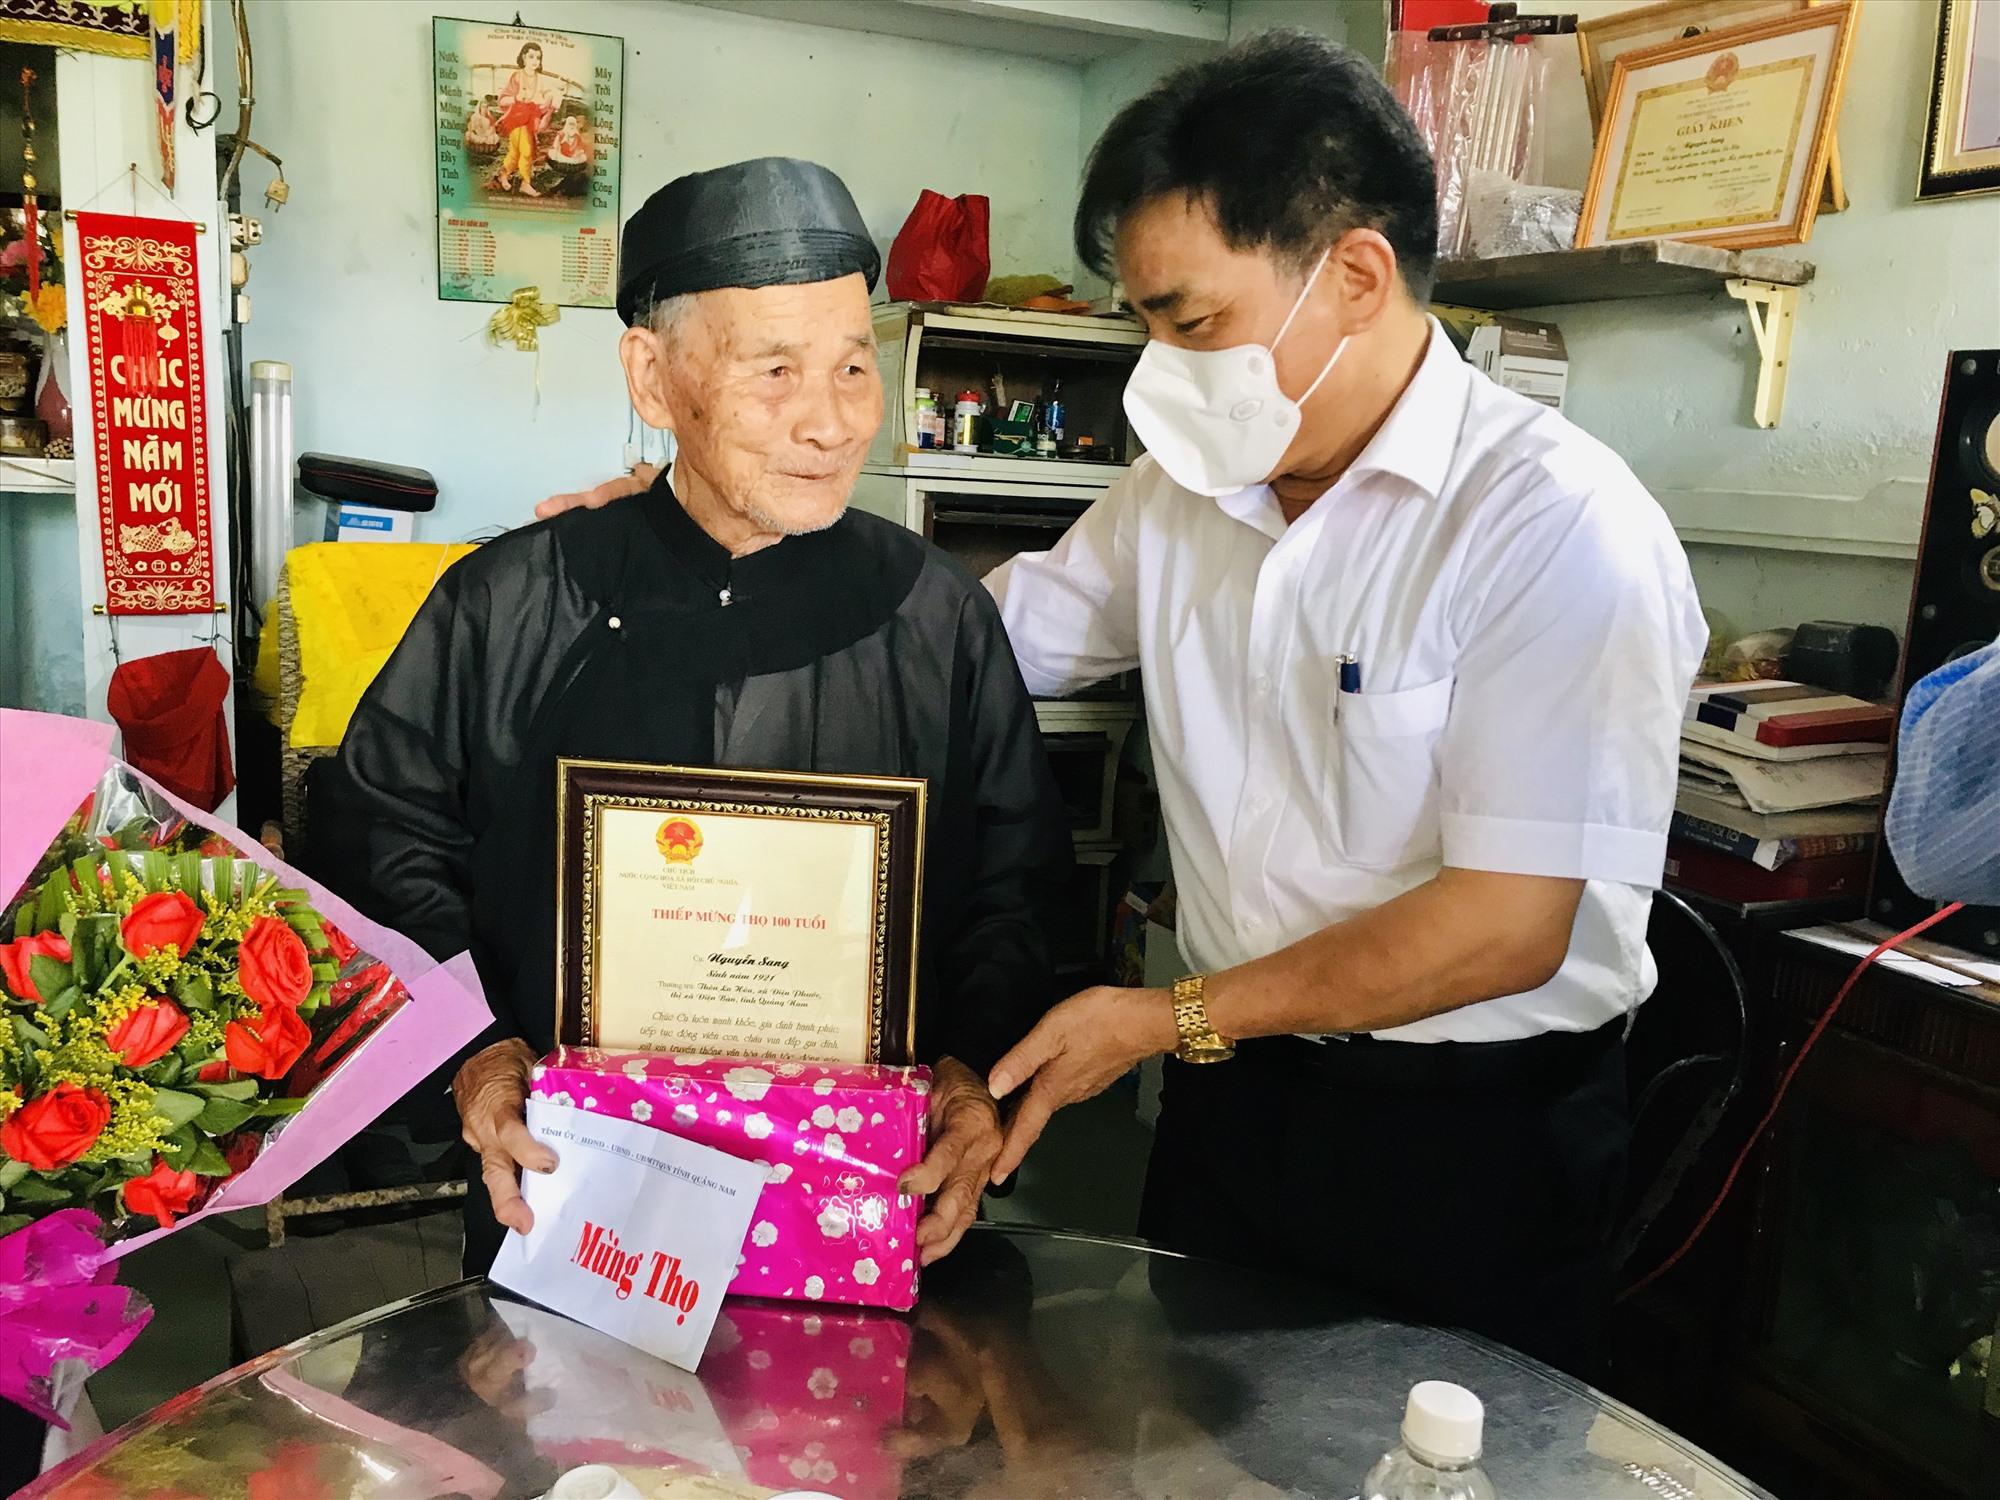 Phó Bí thư Thường trực Tỉnh ủy Lê Văn Dũng trao thiếp mừng thọ 100 tuổi của Chủ tịch nước cho cụ Nguyễn Sang. Ảnh: Q.T